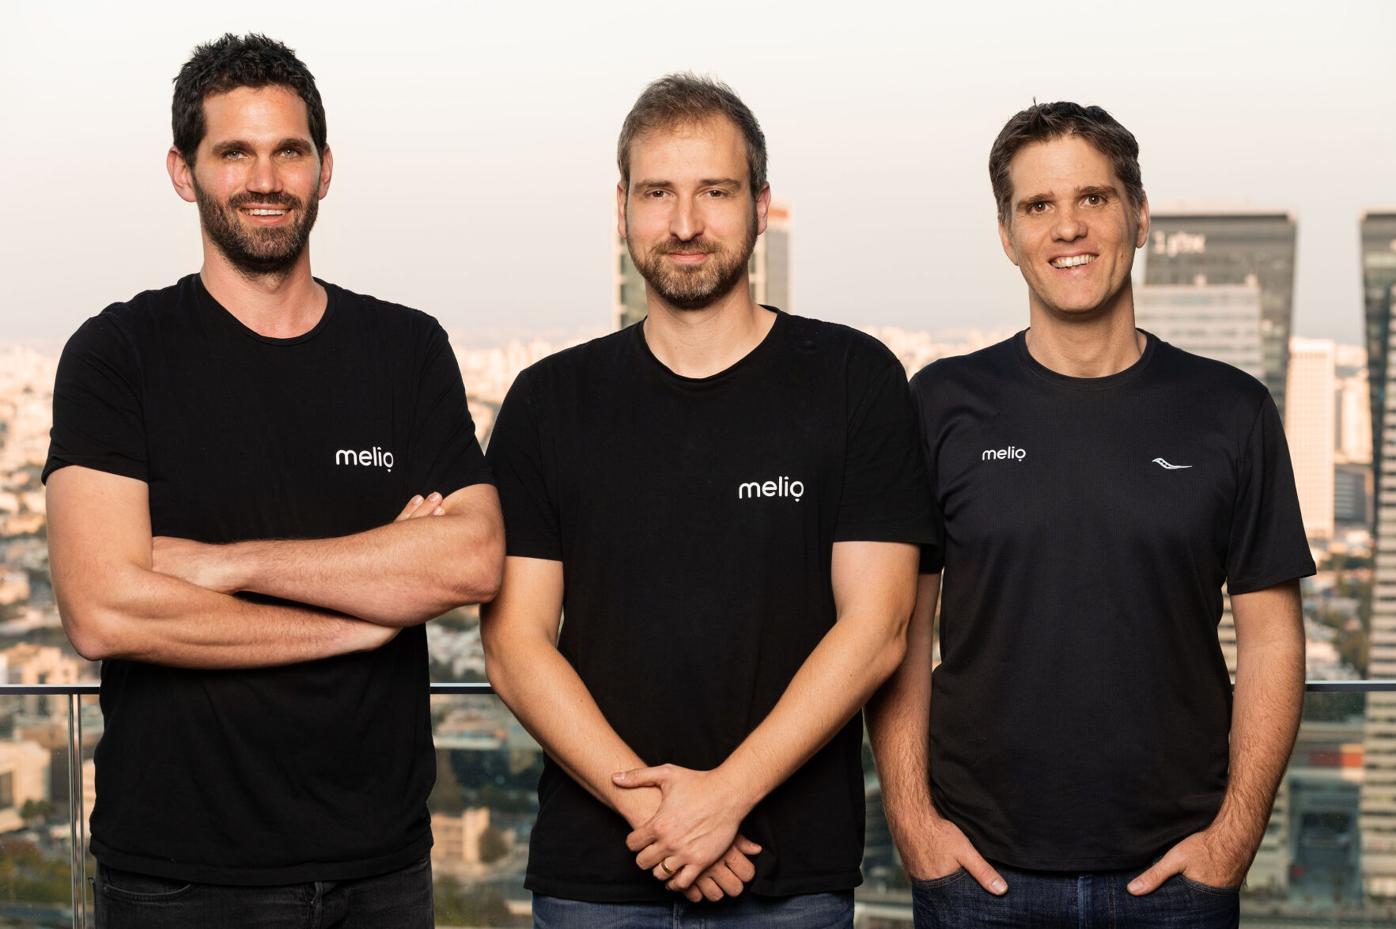 Melio founders